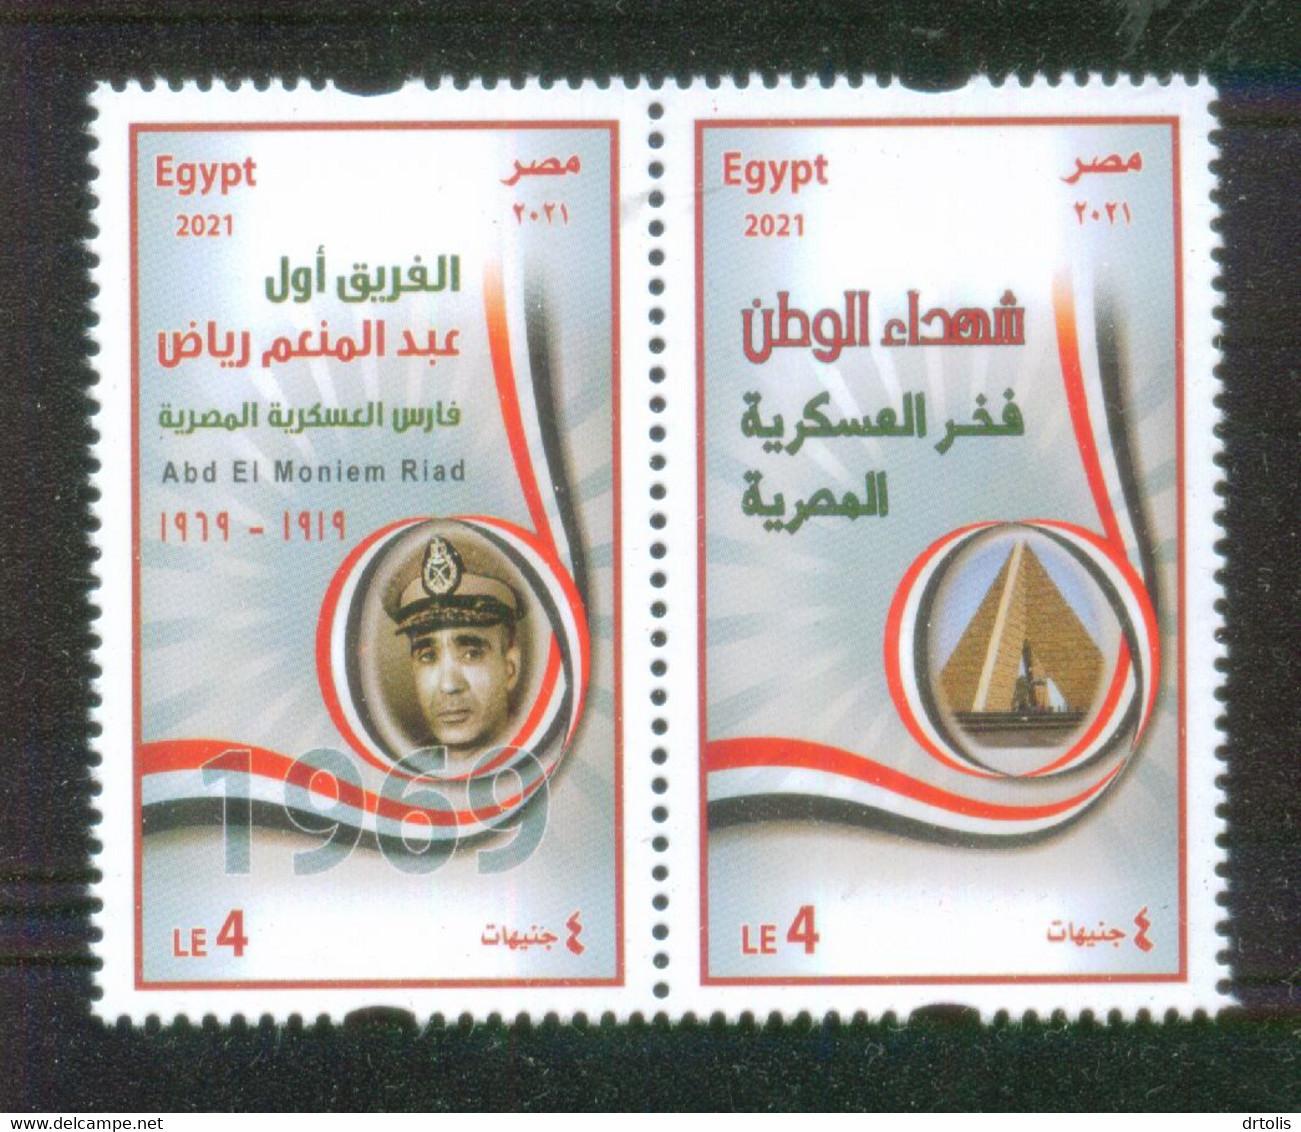 EGYPT / 2021 / ISRAEL / MARTYR'S DAY / MONUMENT OF THE UNKNOWN SOLDIER / ABD EL MONIEM RIAD / FLAG / WAR OF ATTRITION - Nuovi